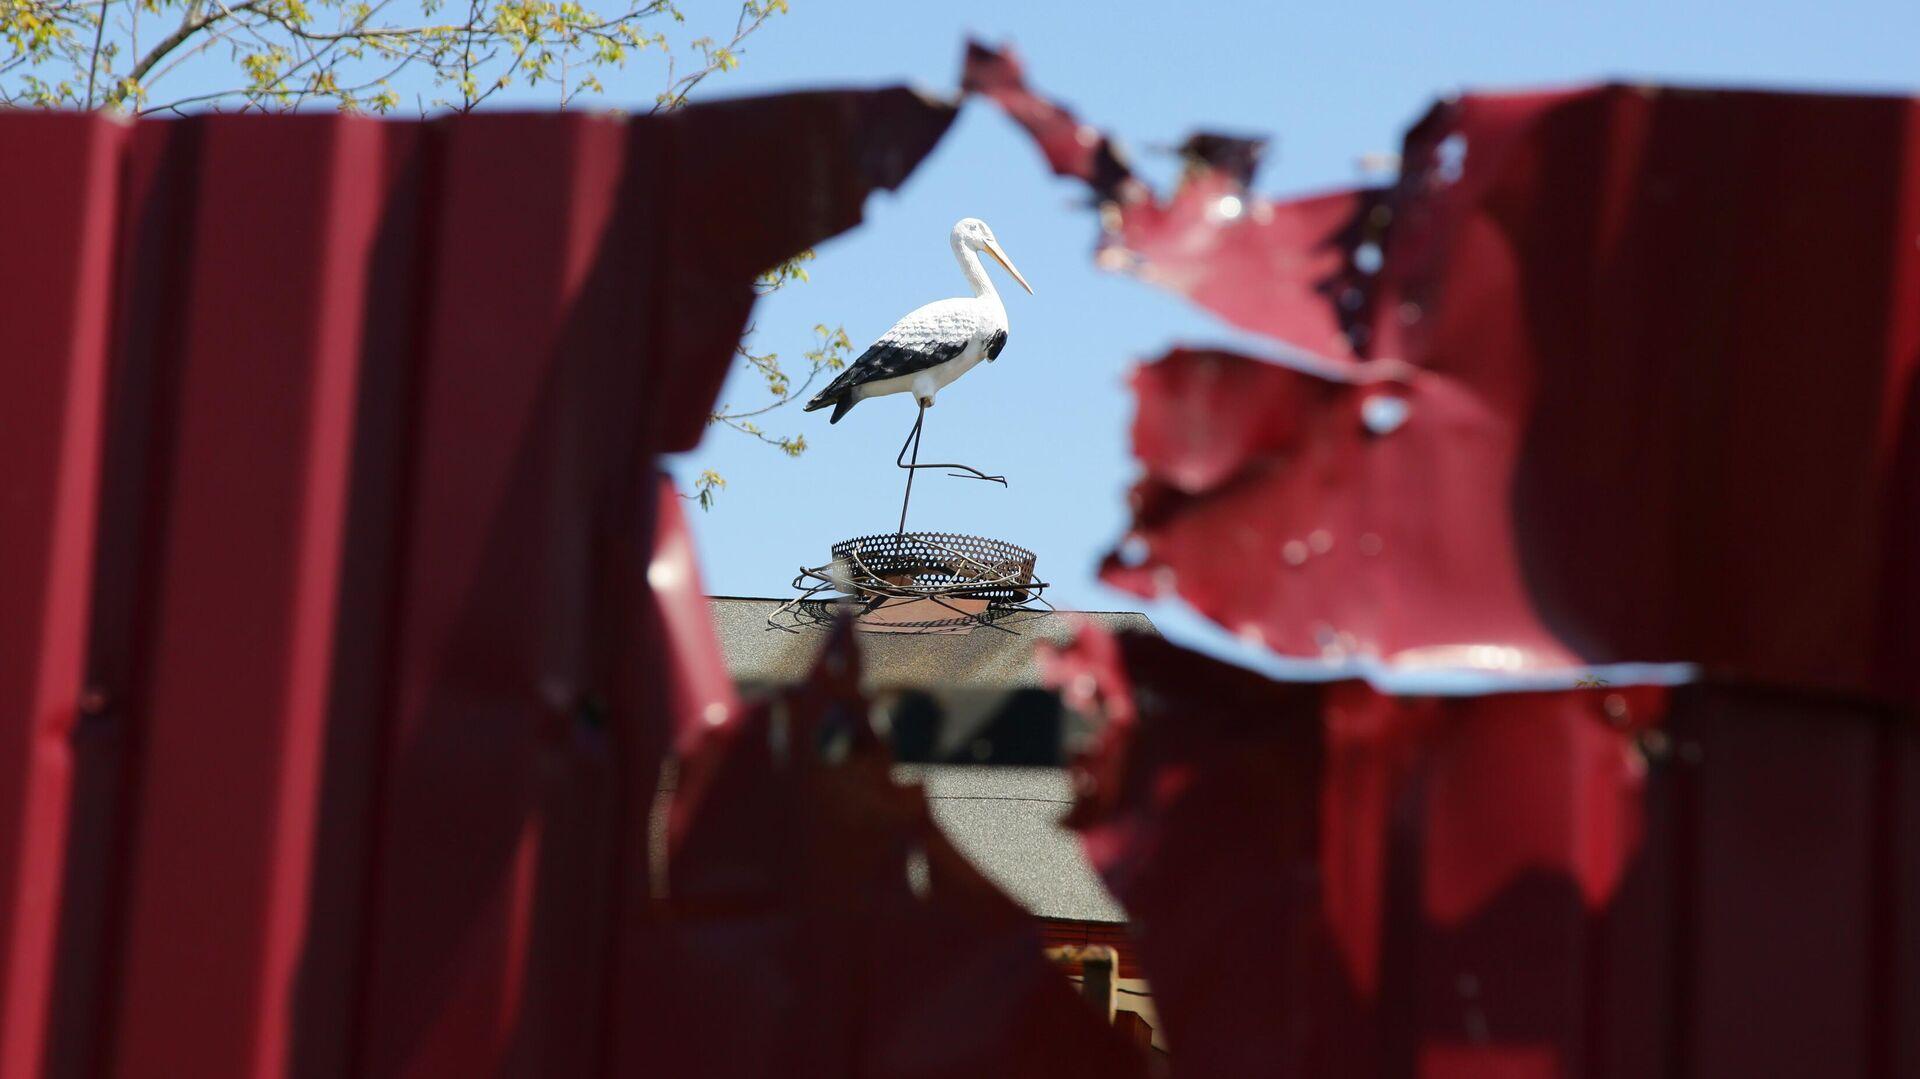 Забор дома, поврежденный разрывом снаряда в результате утреннего обстрела в Петровском районе Донецка - РИА Новости, 1920, 03.06.2021